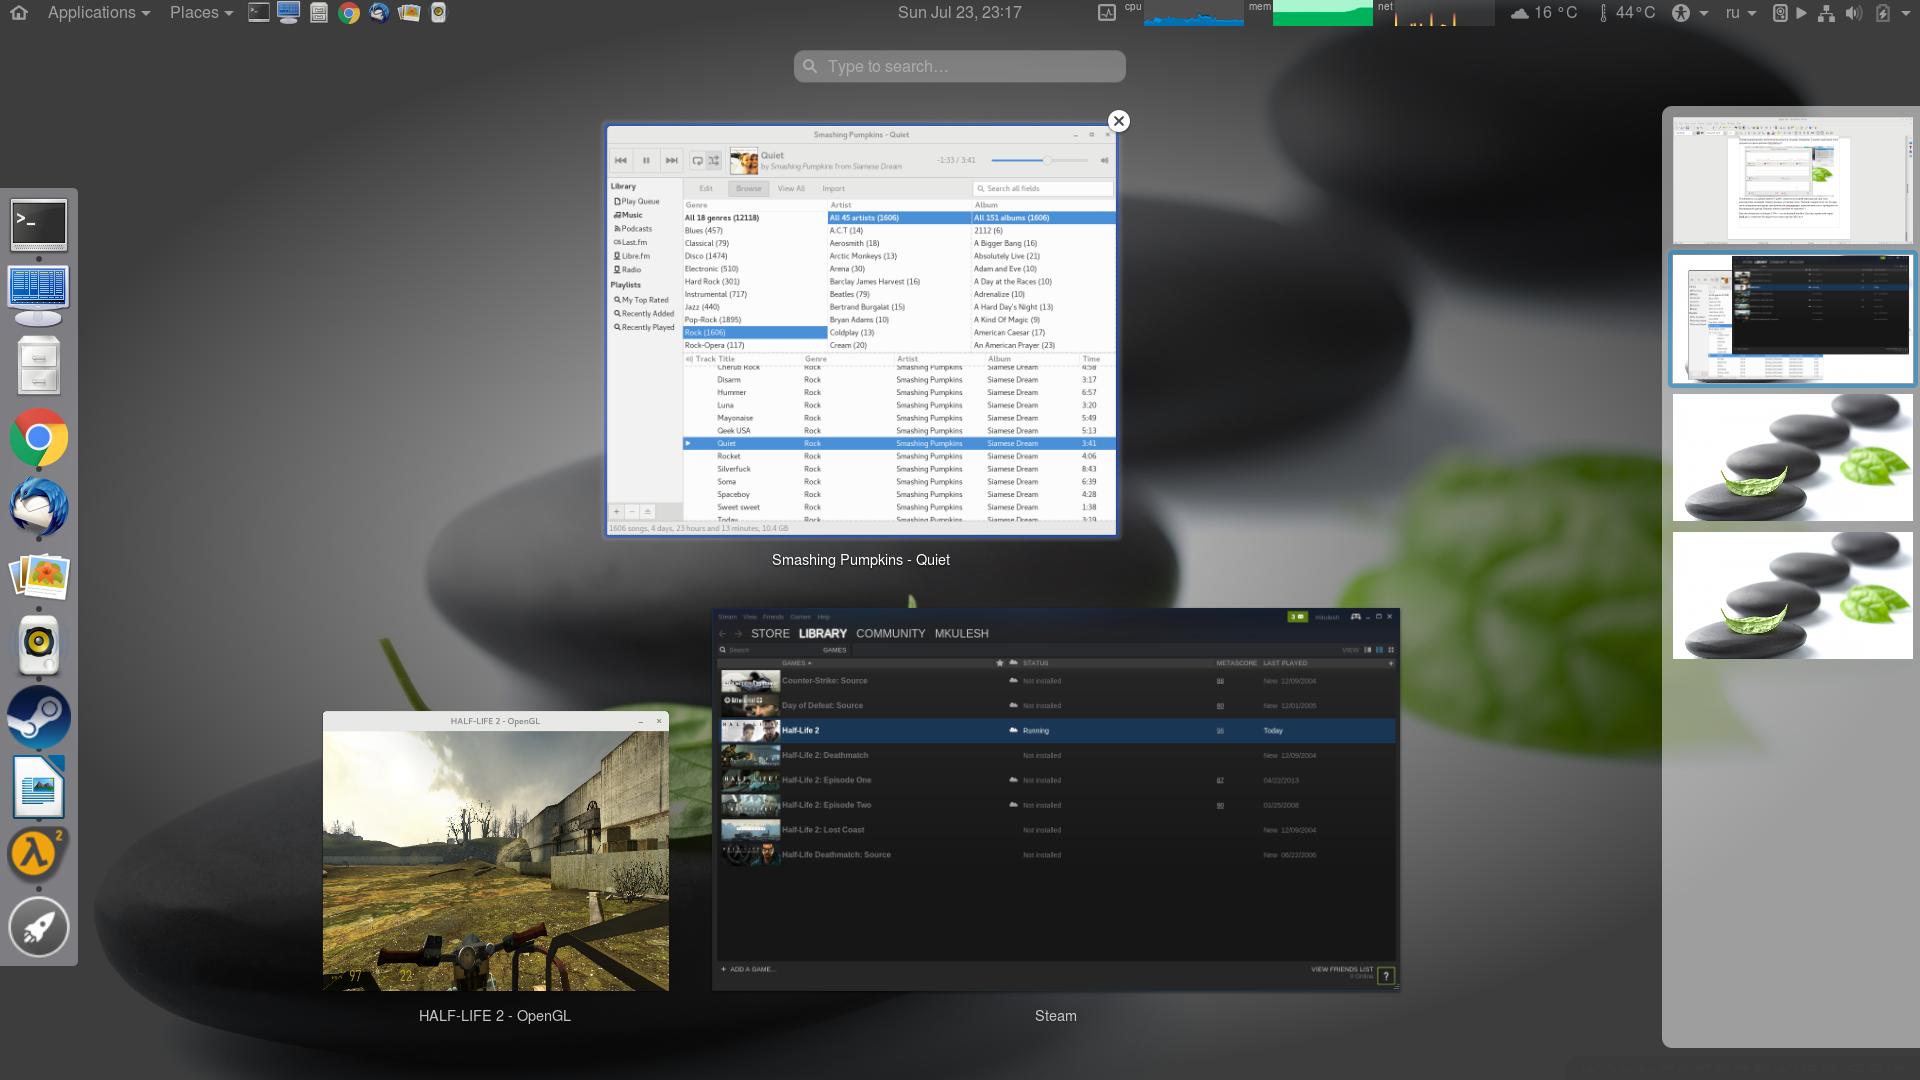 Опыт использования бизнес-ноутбука FUJITSU LIFEBOOK E746: дом вместо офиса, Linux вместо Windows - 9